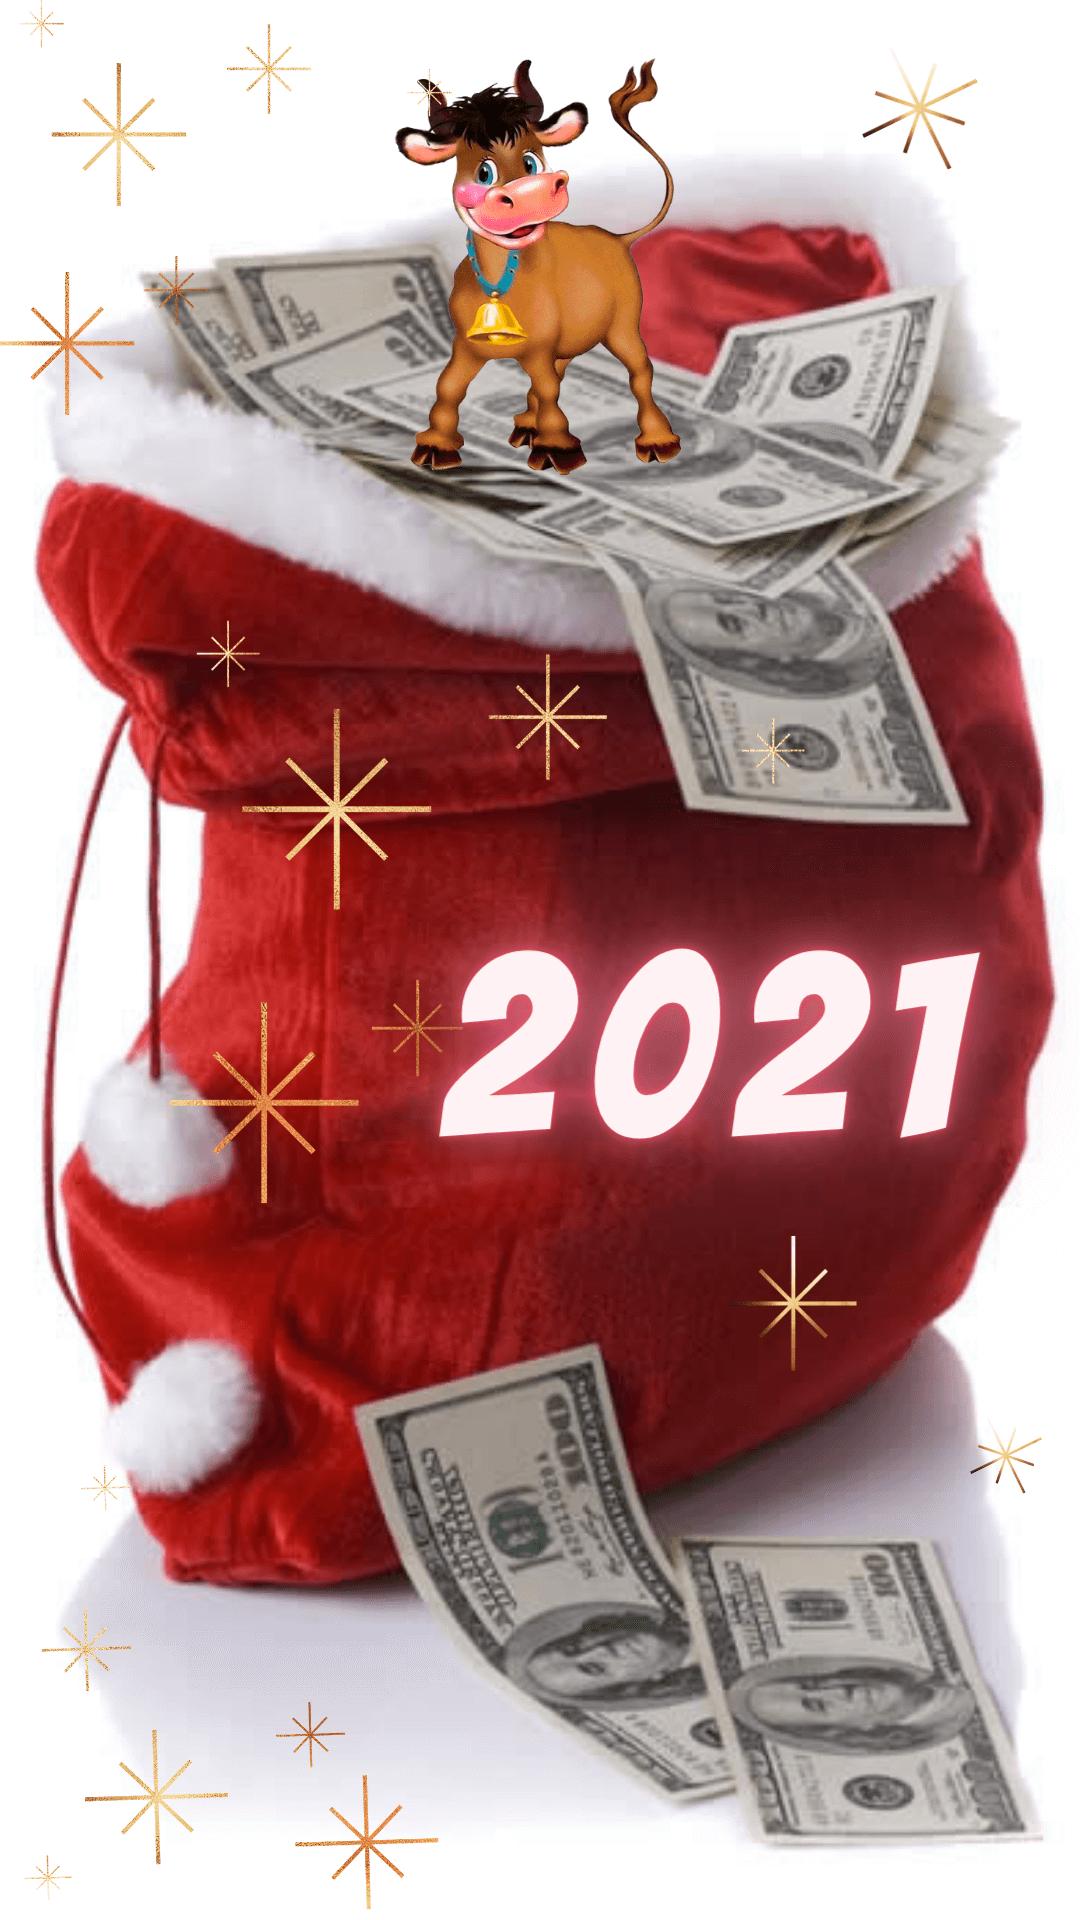 Новогодние заставки на телефон 2021 - прикольная картинка с баксами и бычком